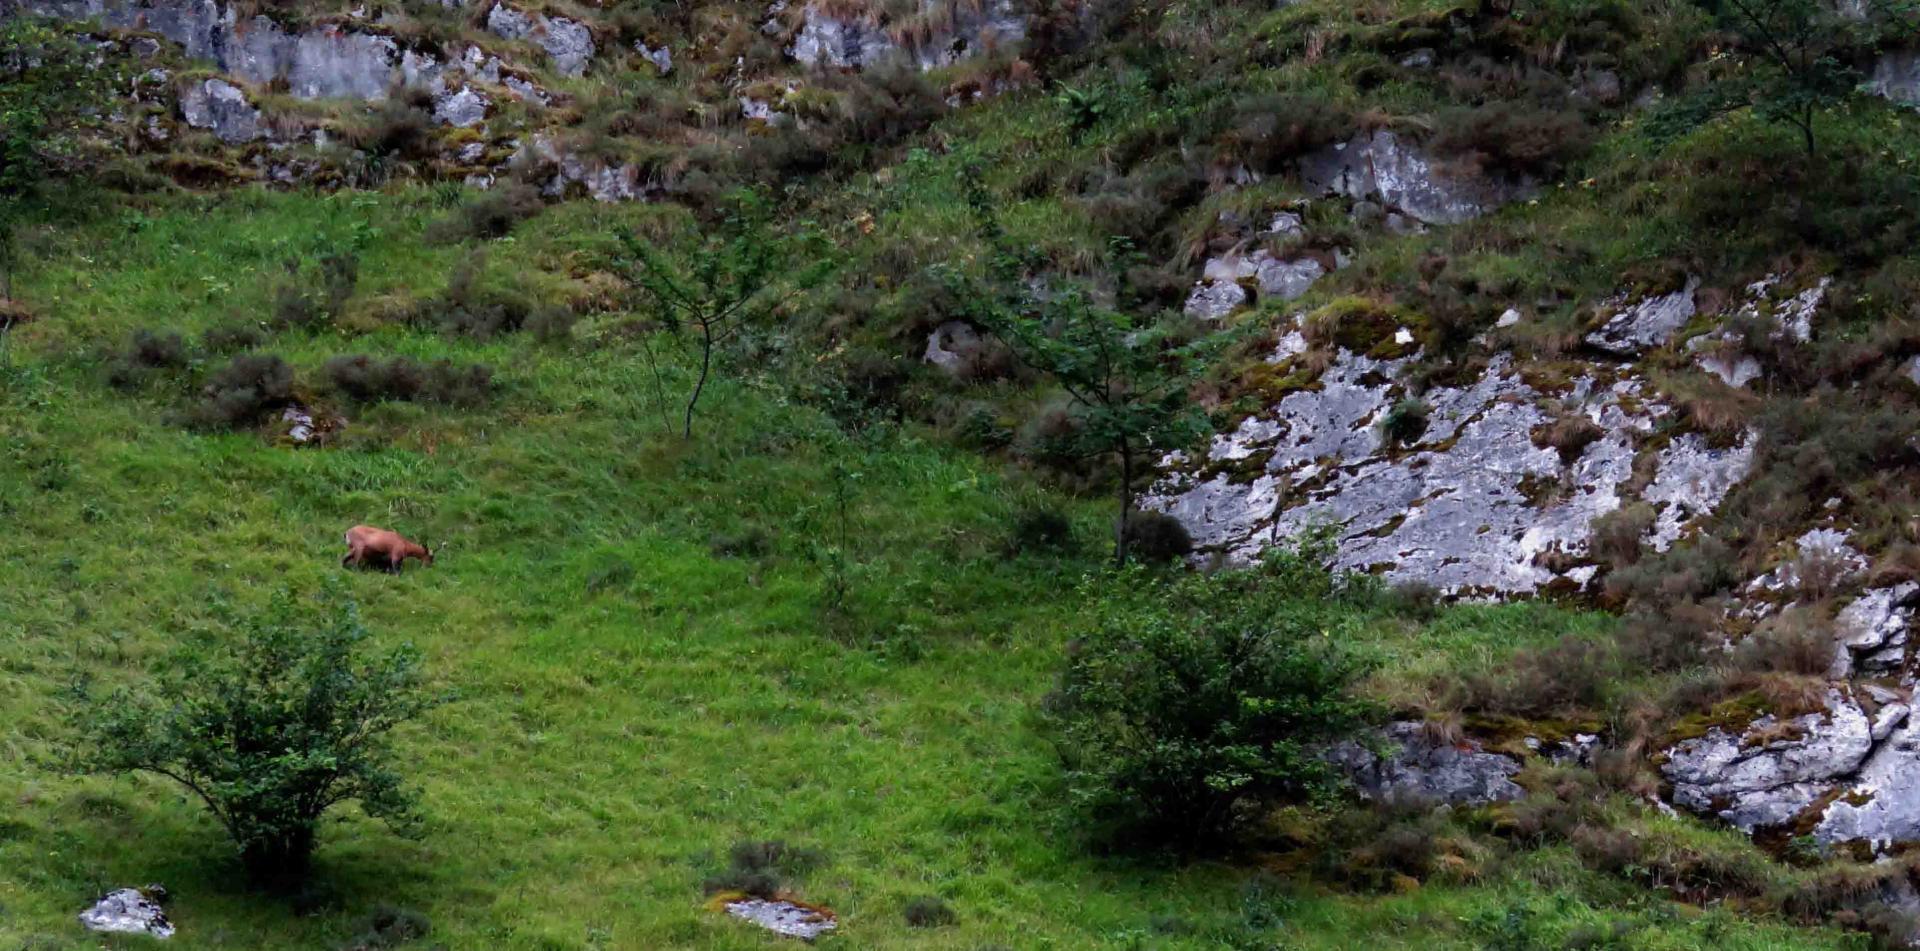 Eté Espagne Asturies Ours loups du 10 au 17 juin 2017